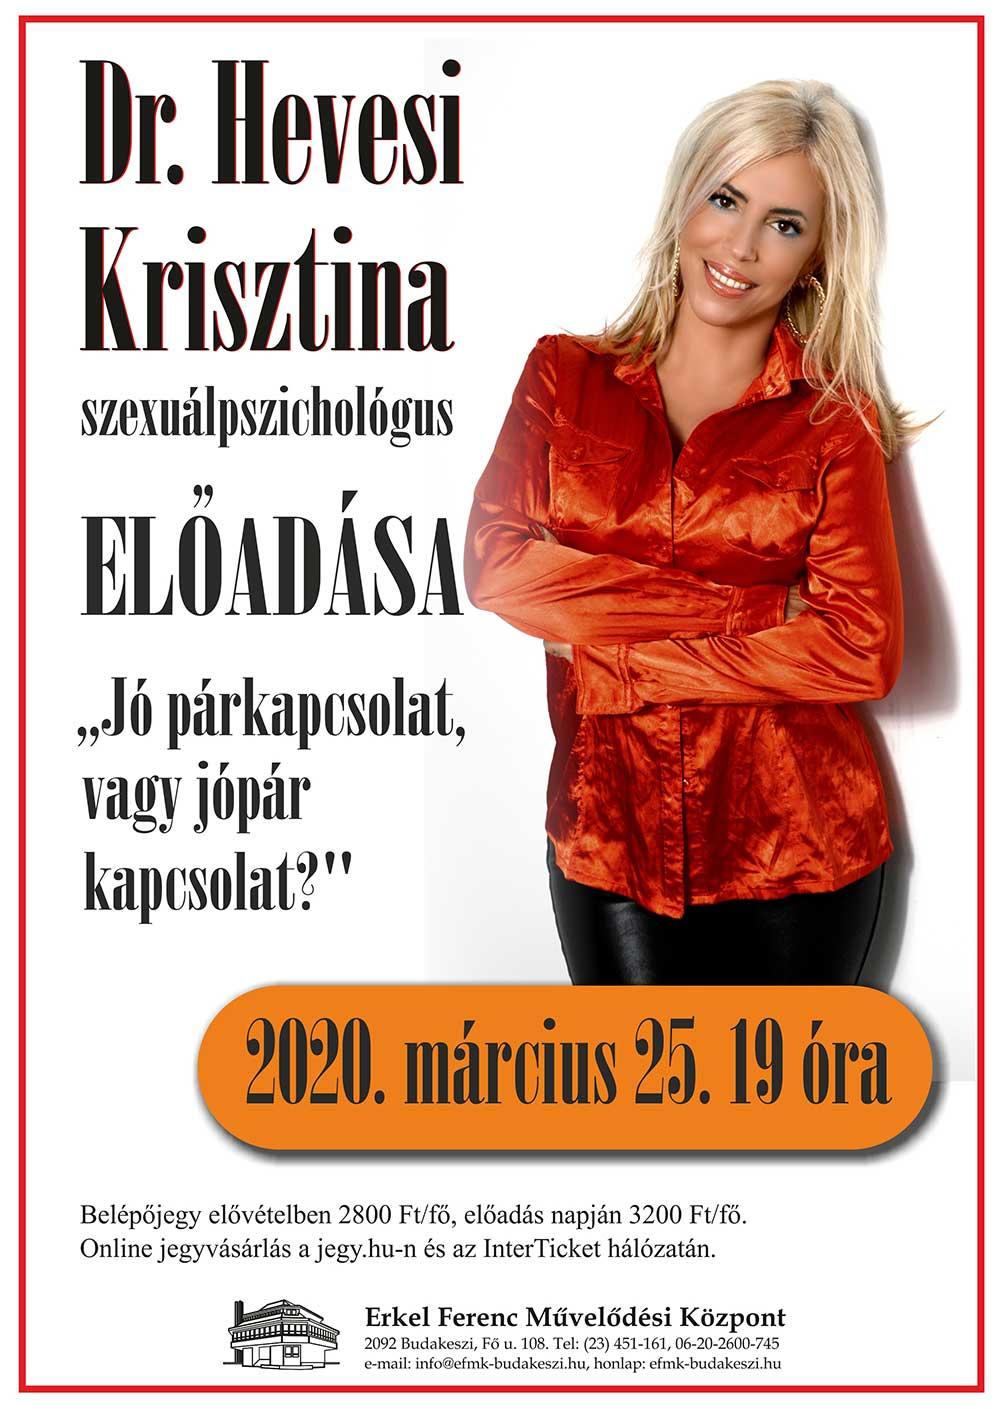 Dr Hevesi Krisztina előadása